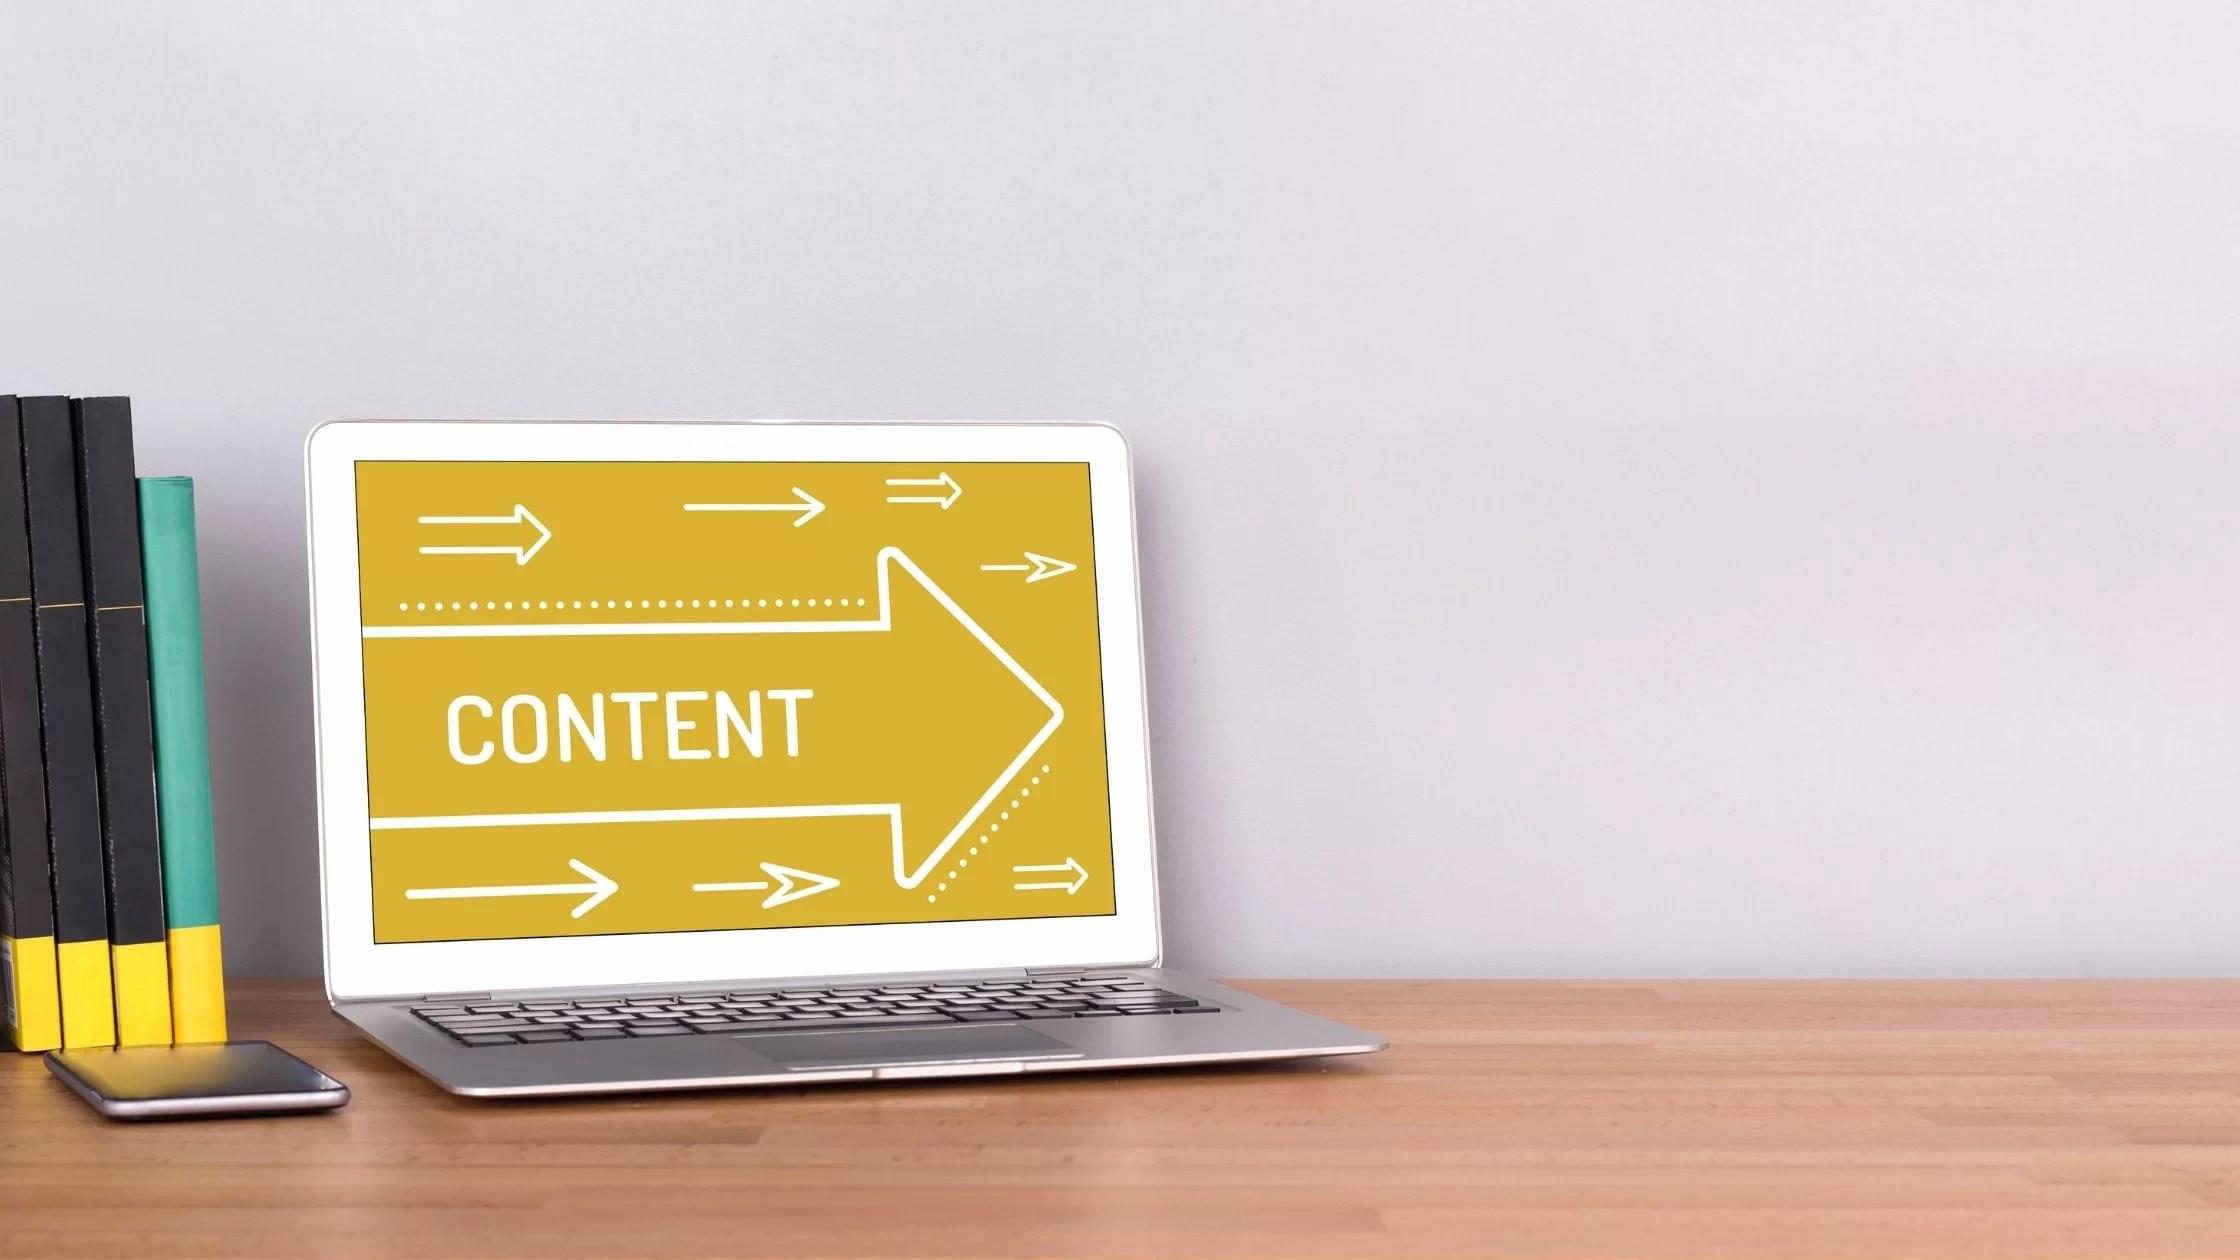 La giusta strategia per il content marketing? Concentrarsi sui valori dei contenuti.